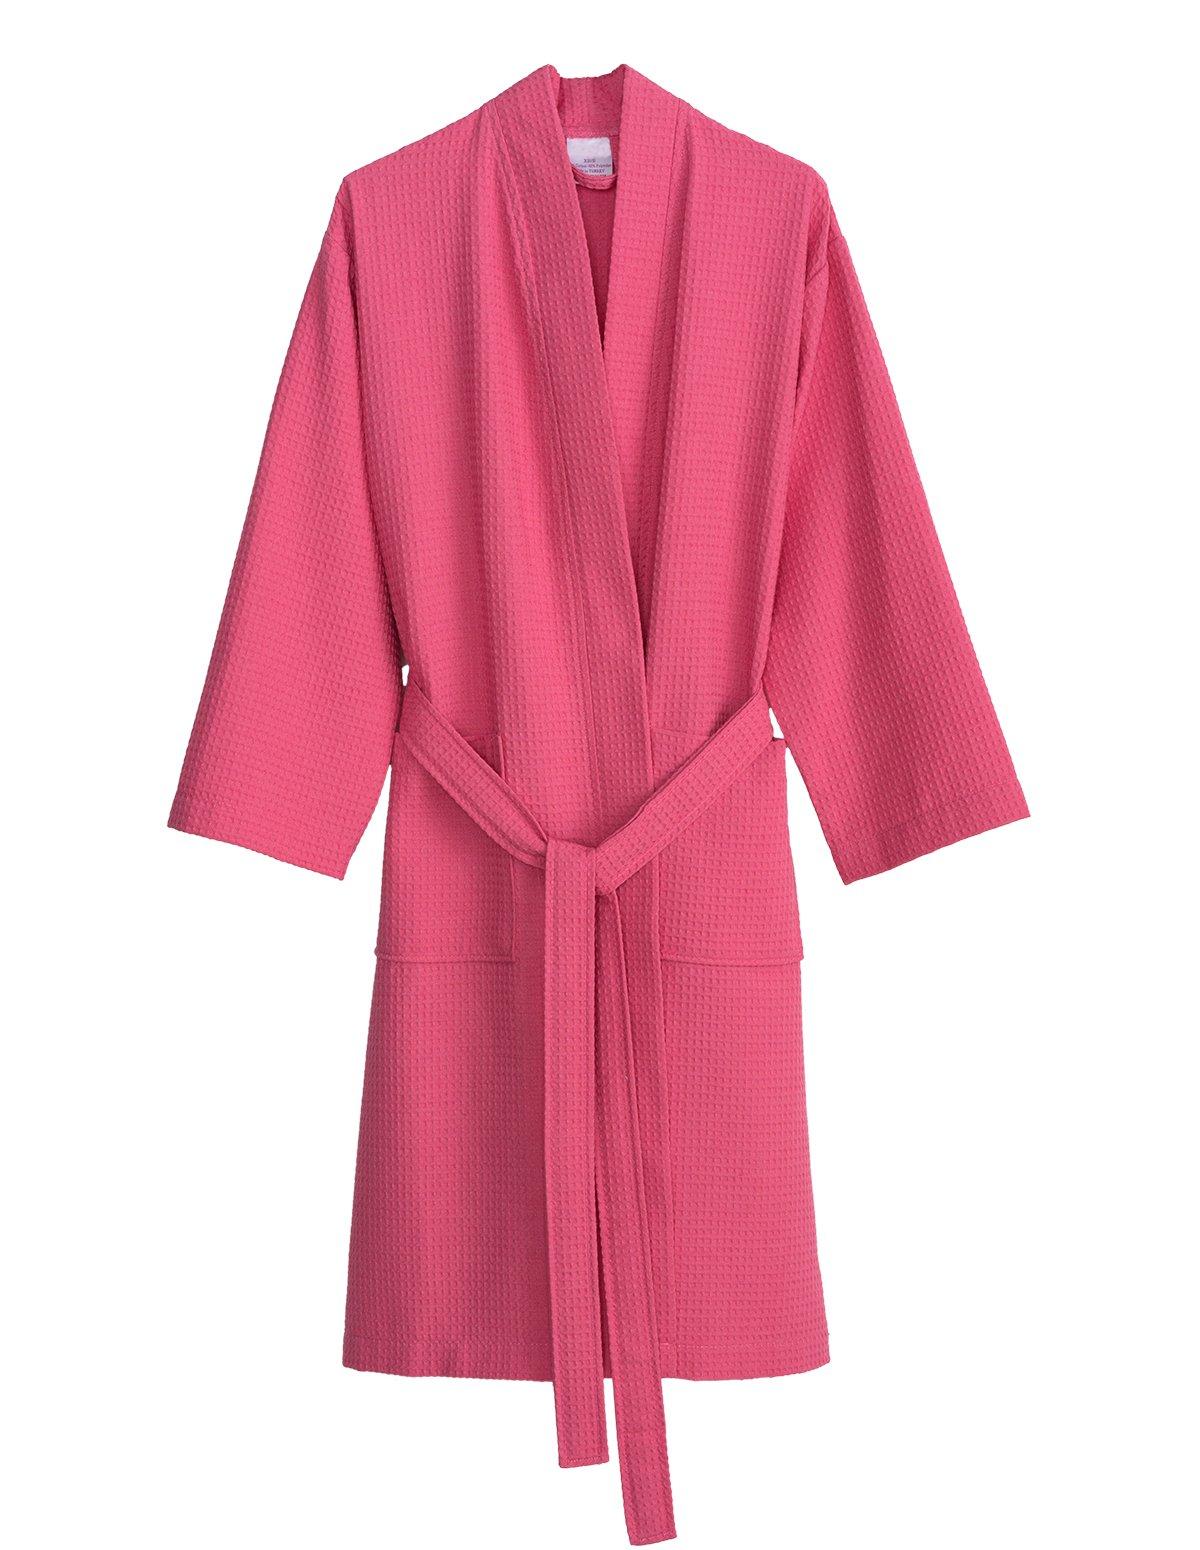 TowelSelections Women's Robe, Kimono Waffle Spa Bathrobe Small/Medium Morning Glory